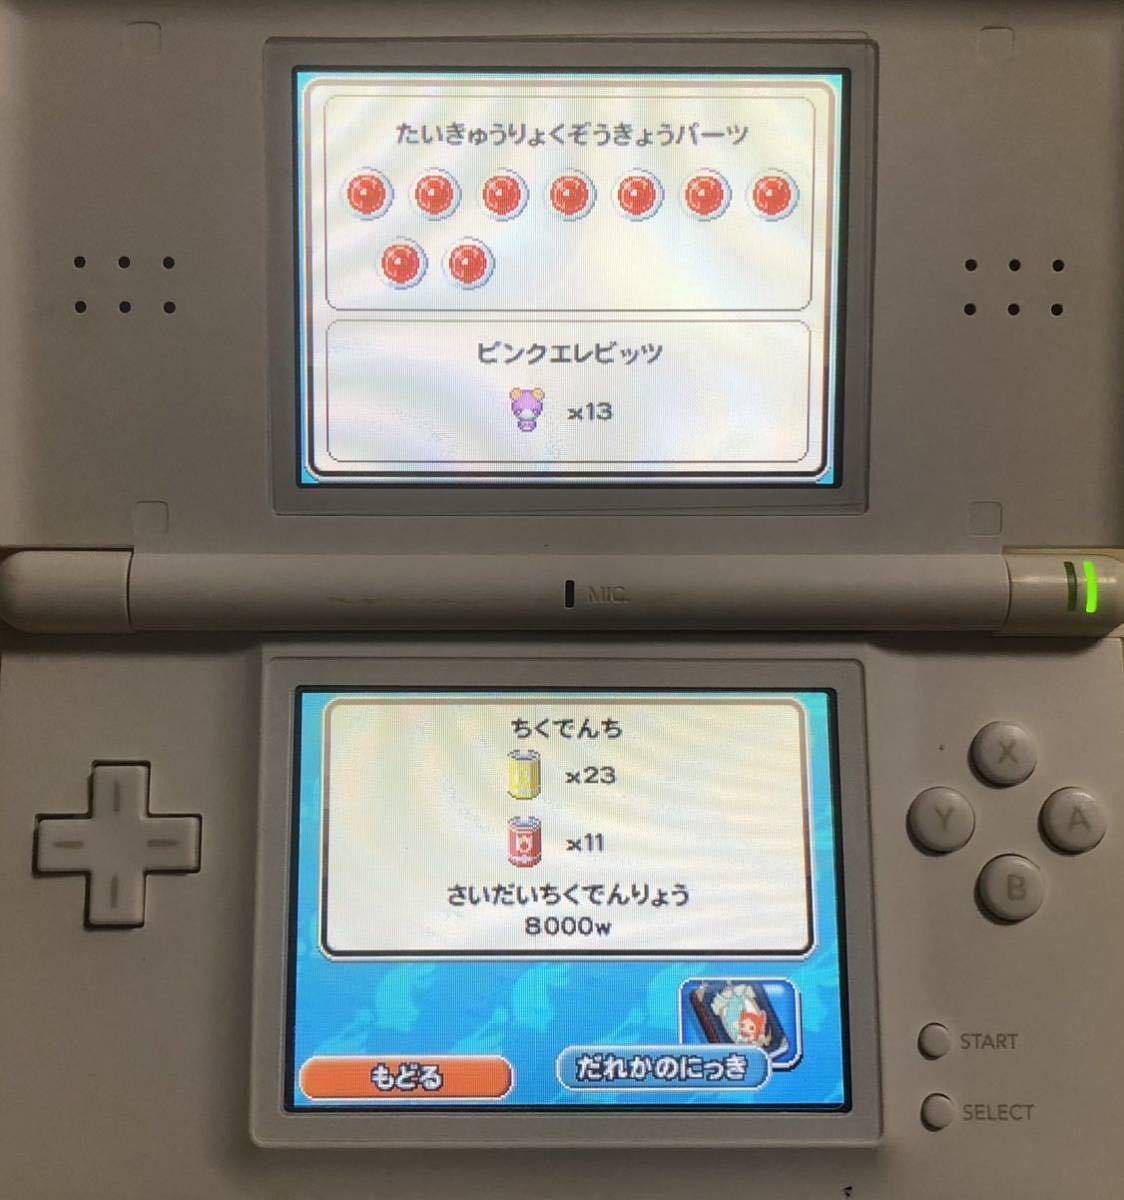 【動作確認画像有り】 DS エレビッツ カイとゼロの不思議な旅 ニンテンドーDS NINTENDO ゲームソフト カセット *ジャケット欠品